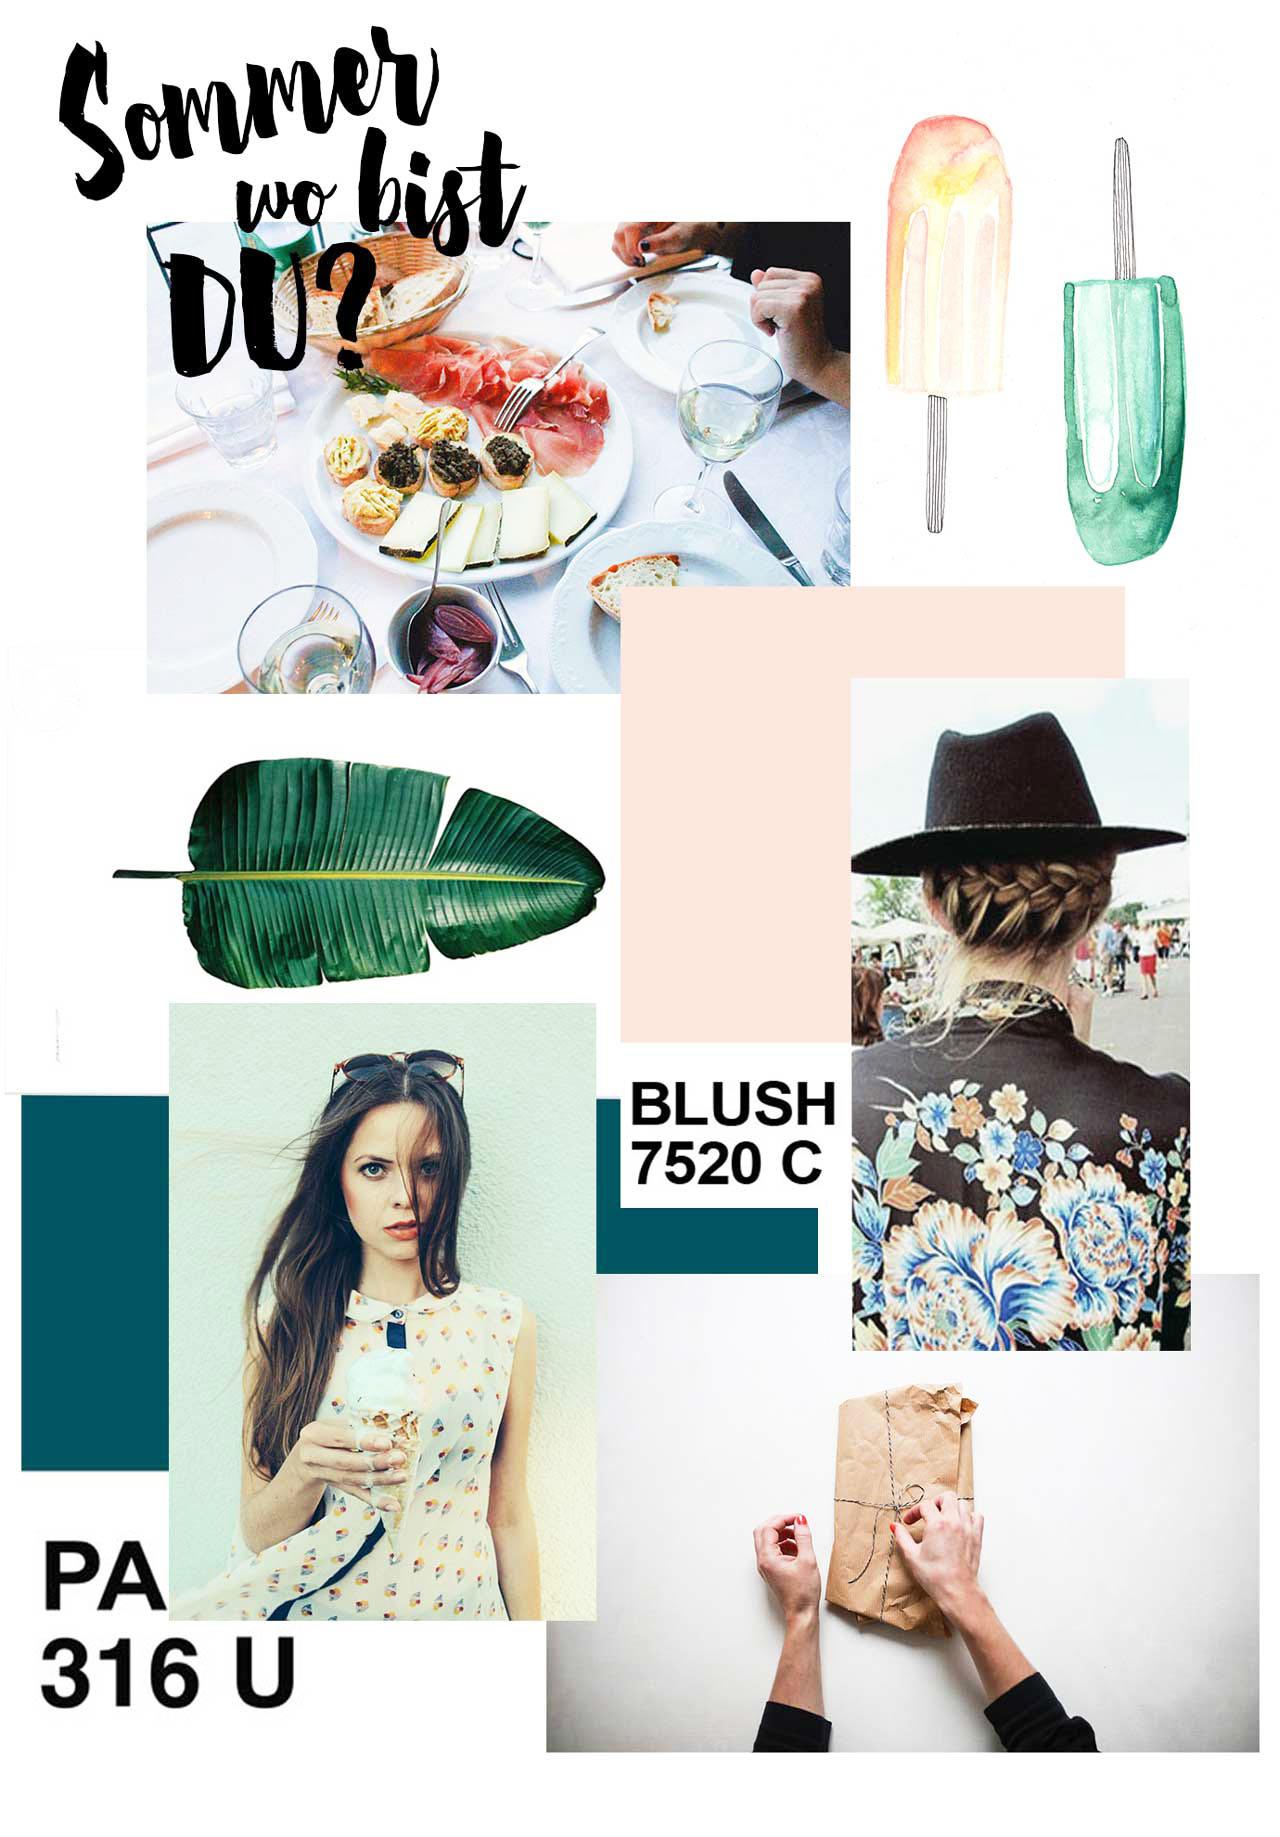 Sommer wo bist du?- Collage für herzundblut.com